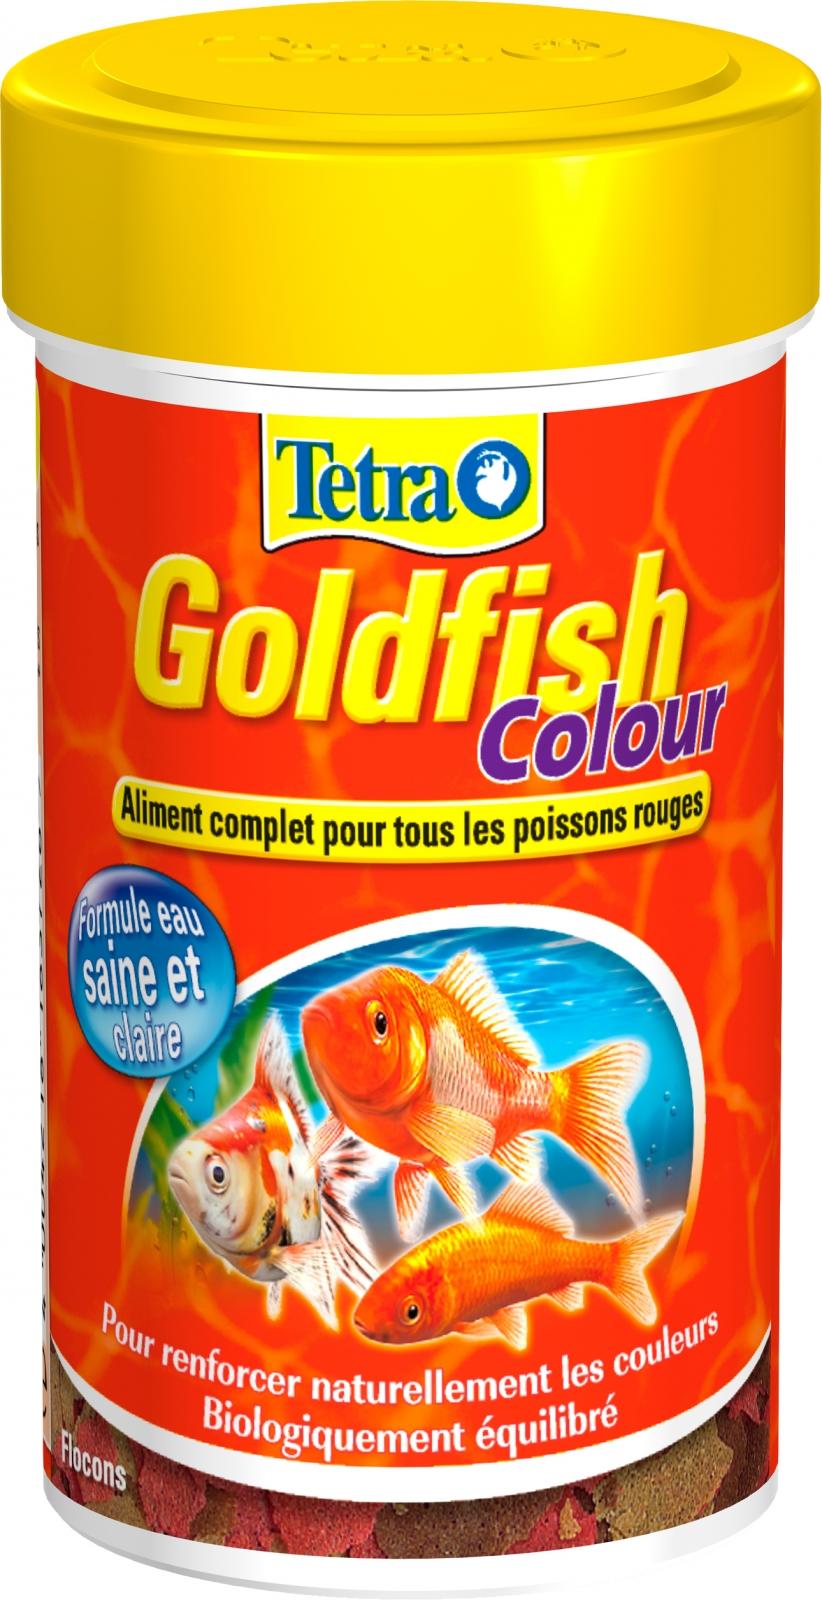 TETRA GoldFish Colour 100 ml aliment complet en flocons pour renforcer l\'éclat des couleurs des poissons rouges et autres poissons d\'eau froide